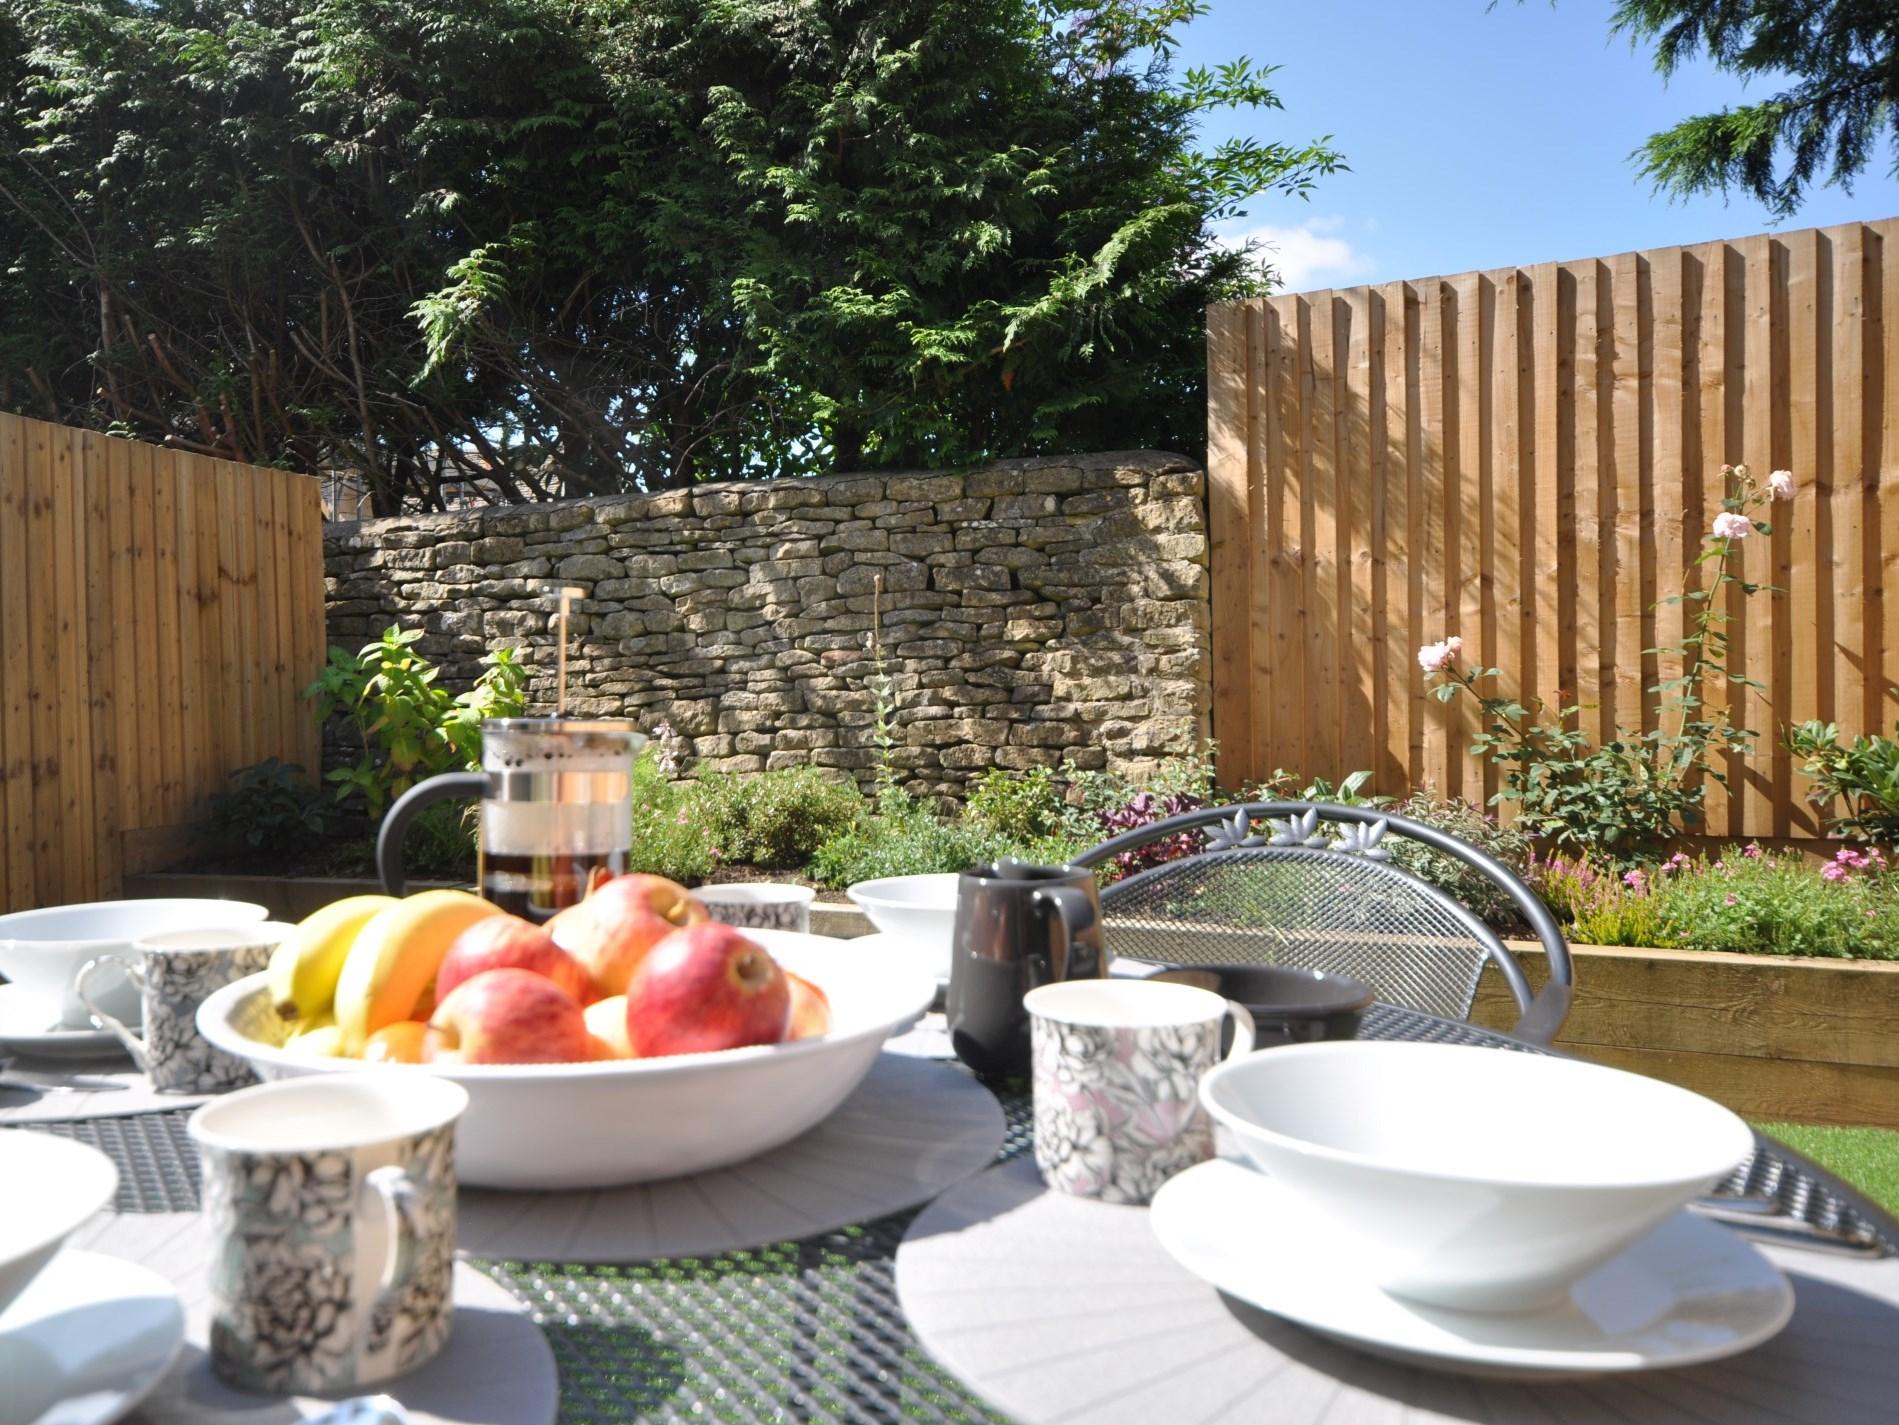 Breakfast in the gardens